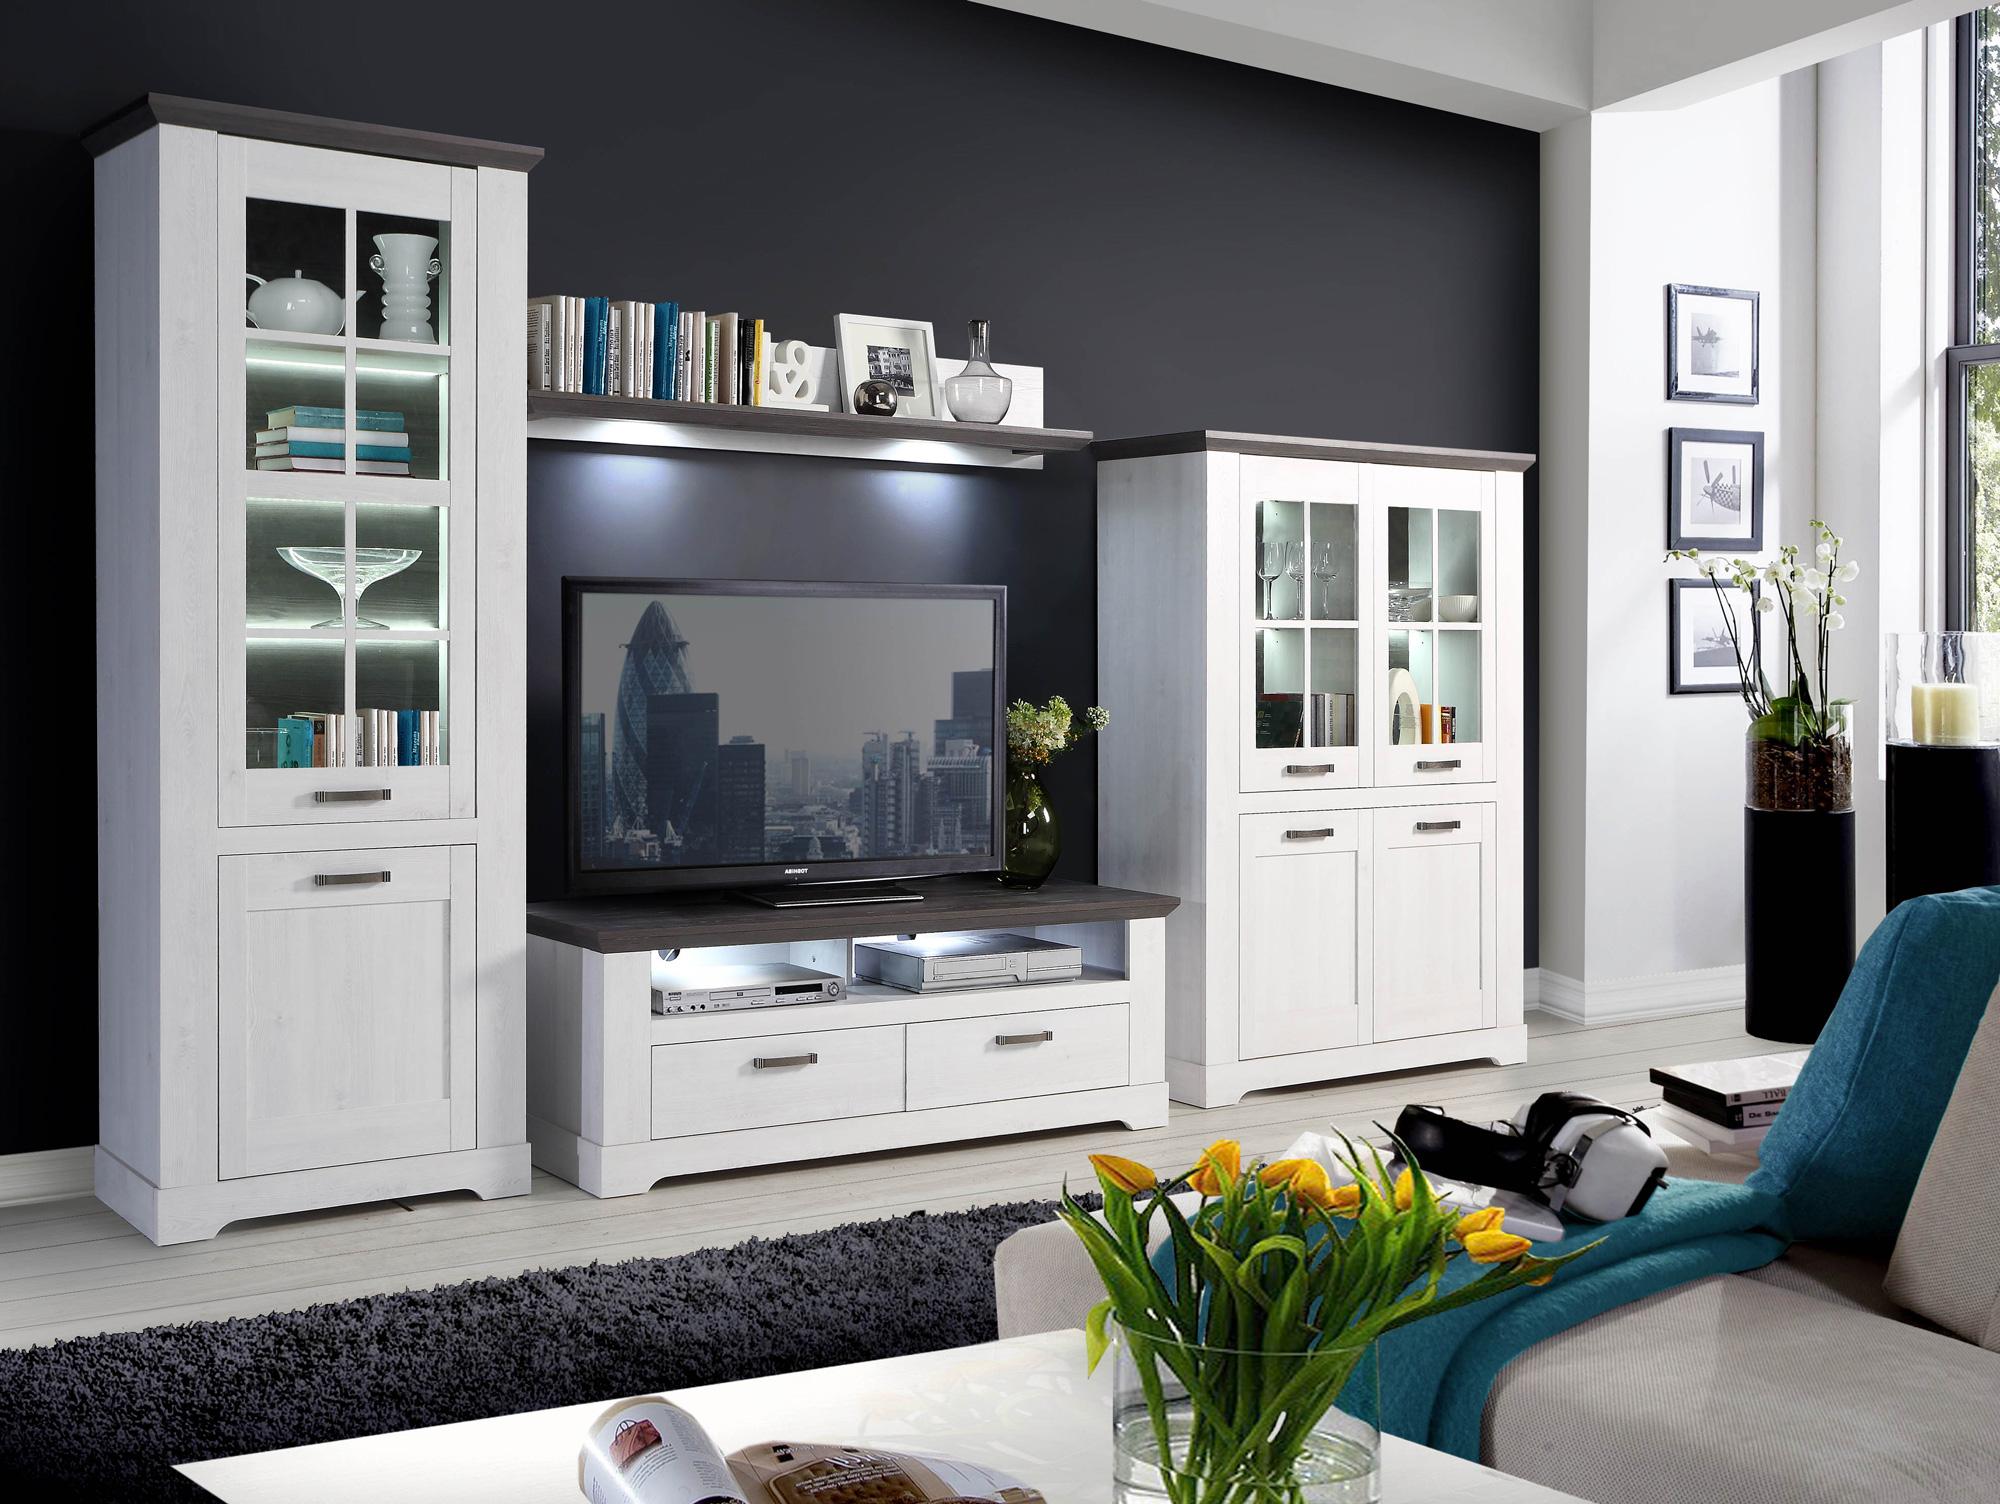 gabun couchtisch schneeeiche pinie. Black Bedroom Furniture Sets. Home Design Ideas